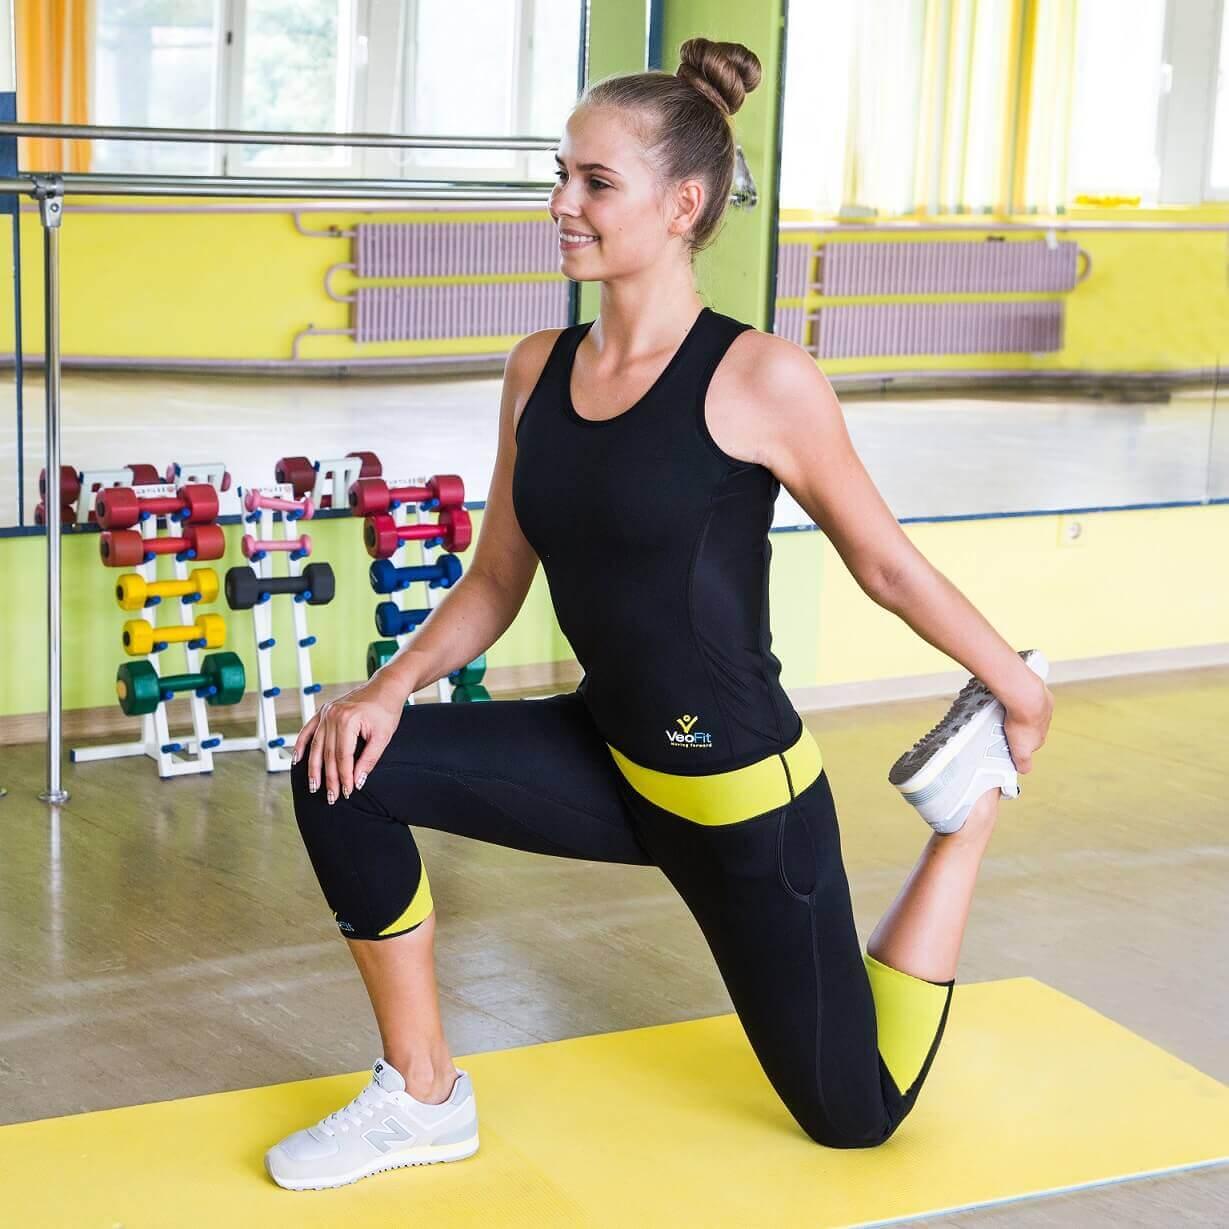 débardeur pantalon sudation sport pilates yoga bouger courir